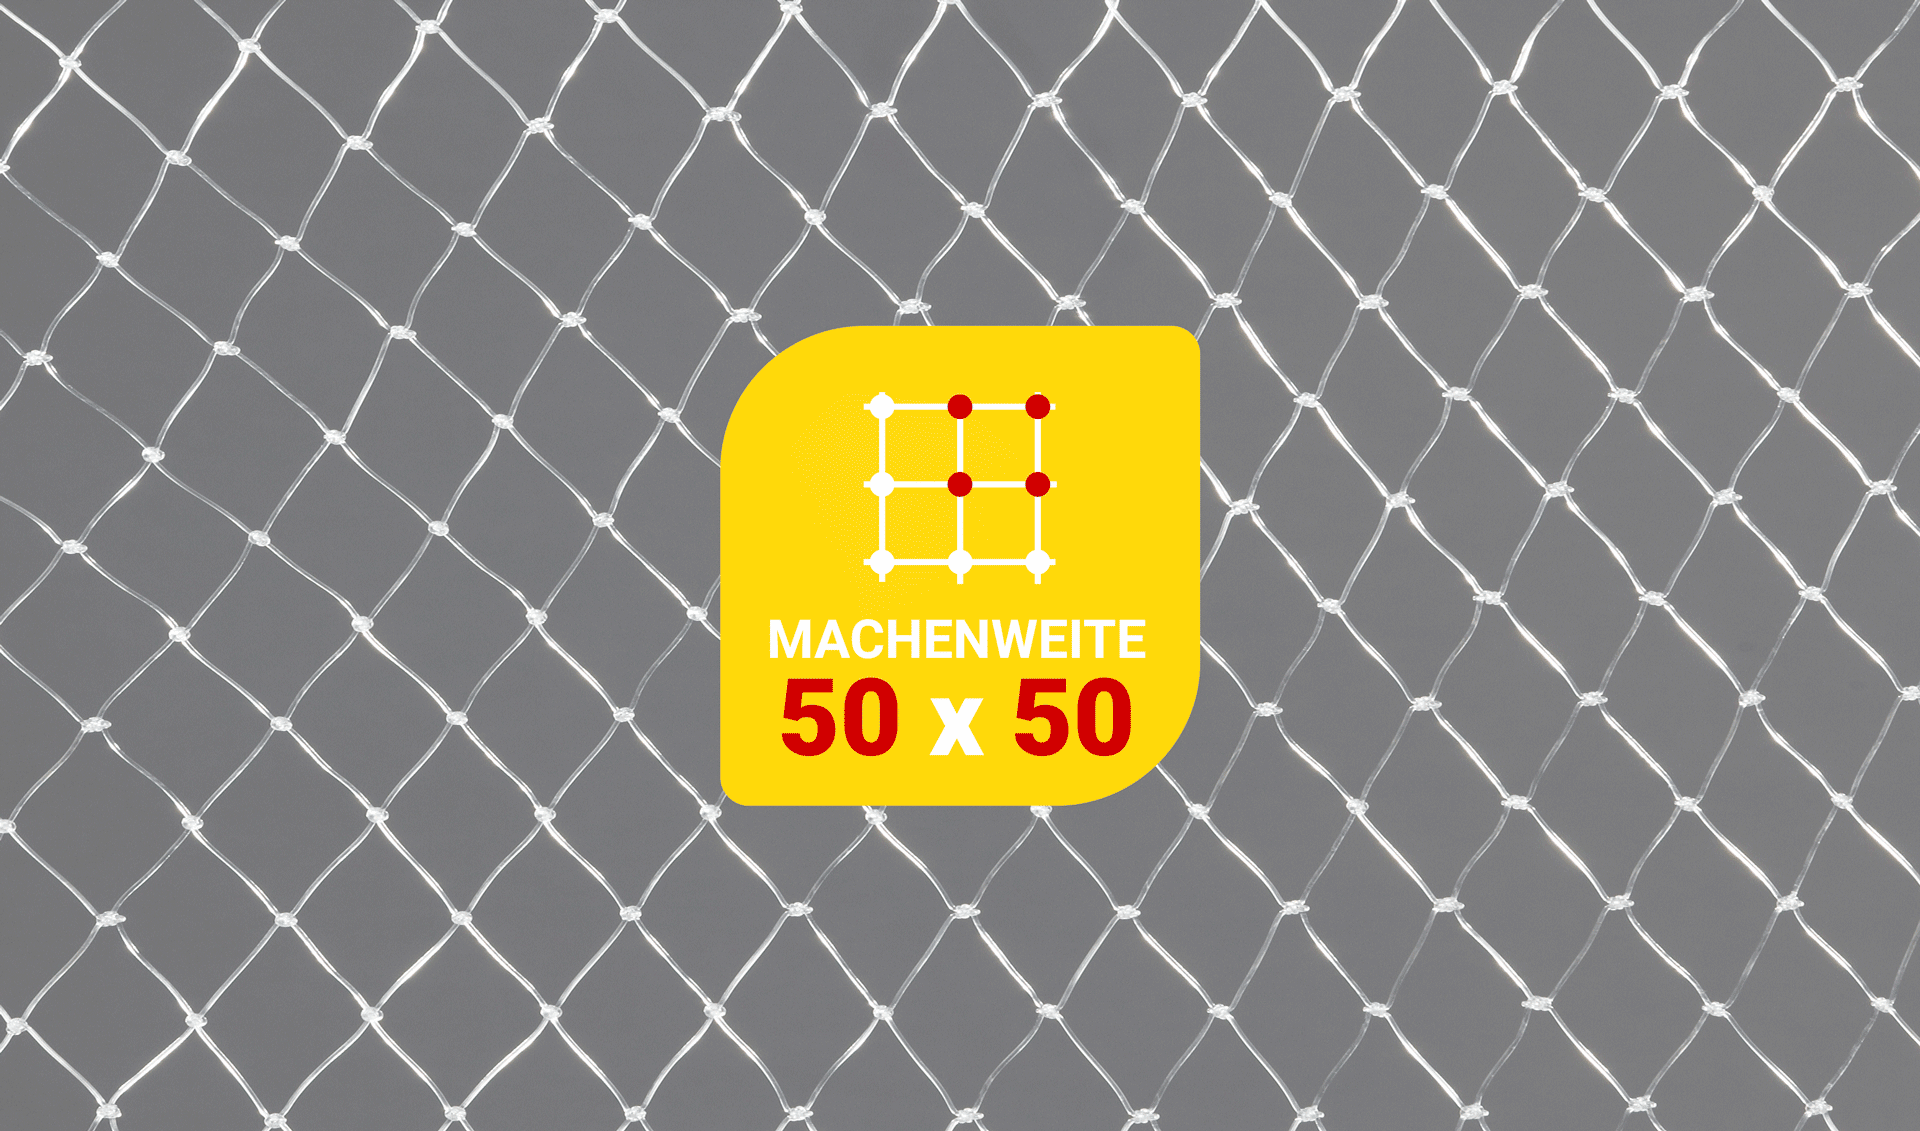 TAN Nylon-Monofilnetz milchig-transparent Maschenweite 50x50 mm, Garnstärke 0.6 mm